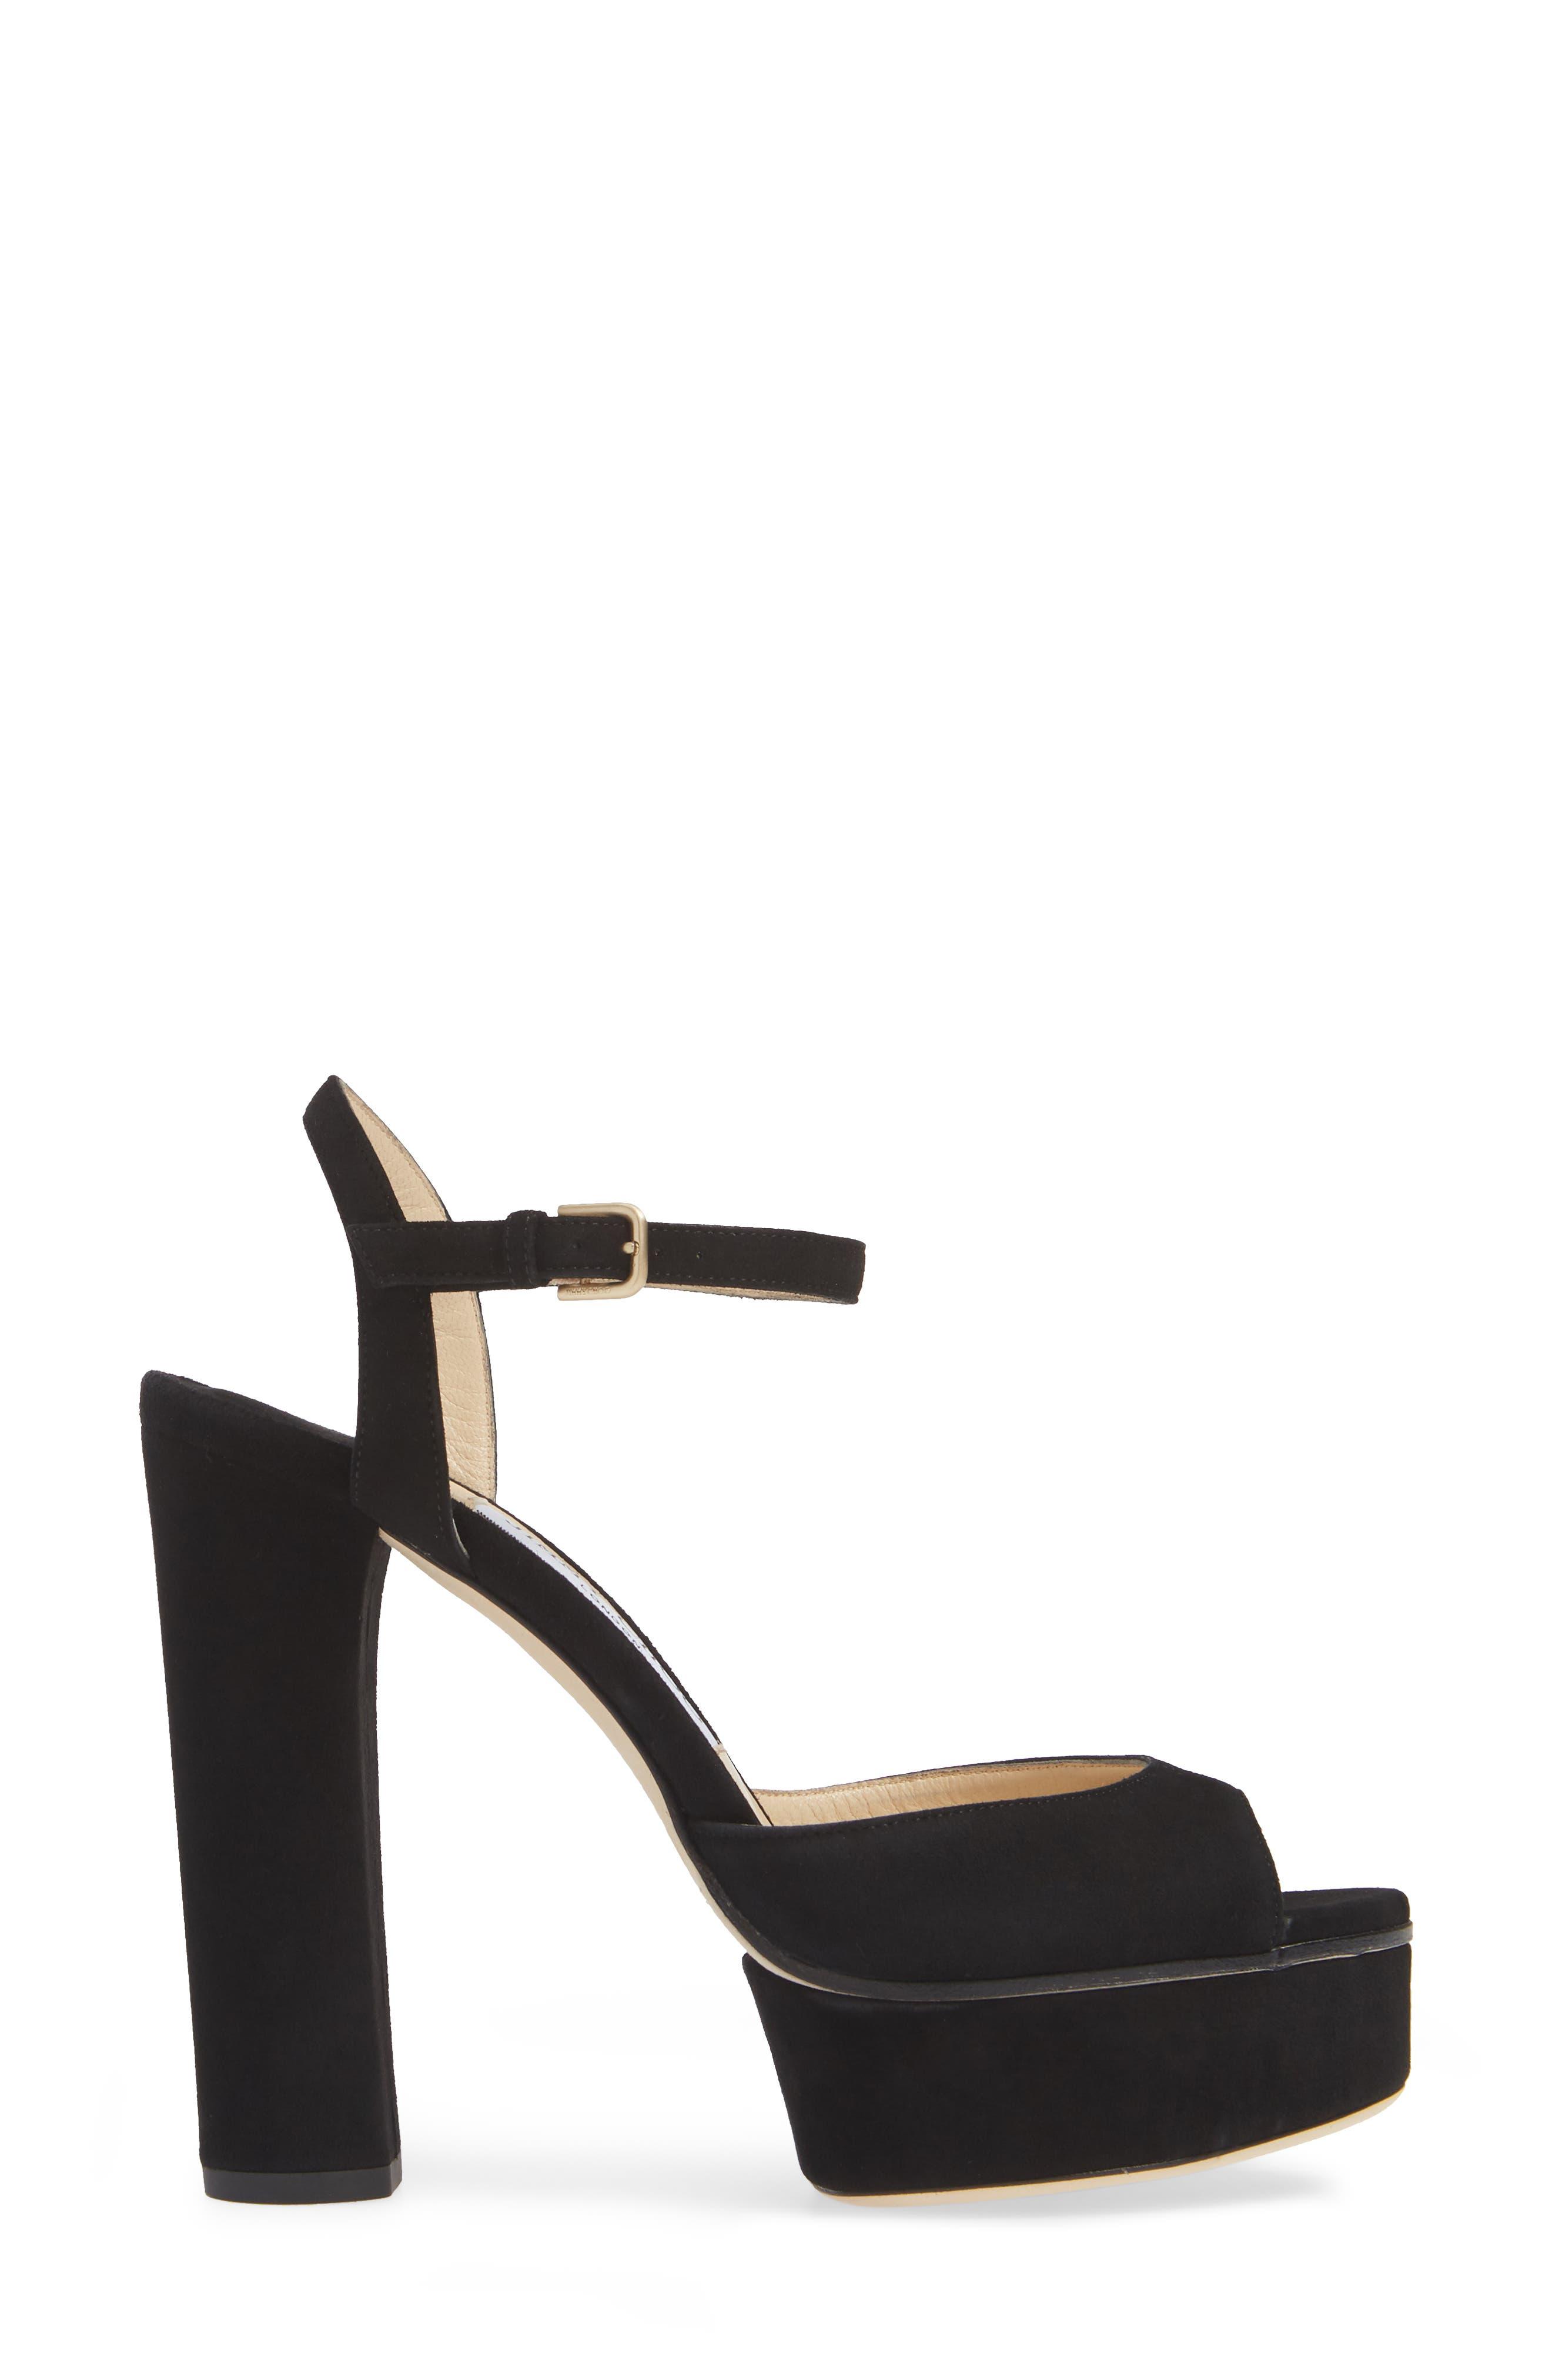 Peachy Platform Sandal,                             Alternate thumbnail 3, color,                             BLACK SUEDE